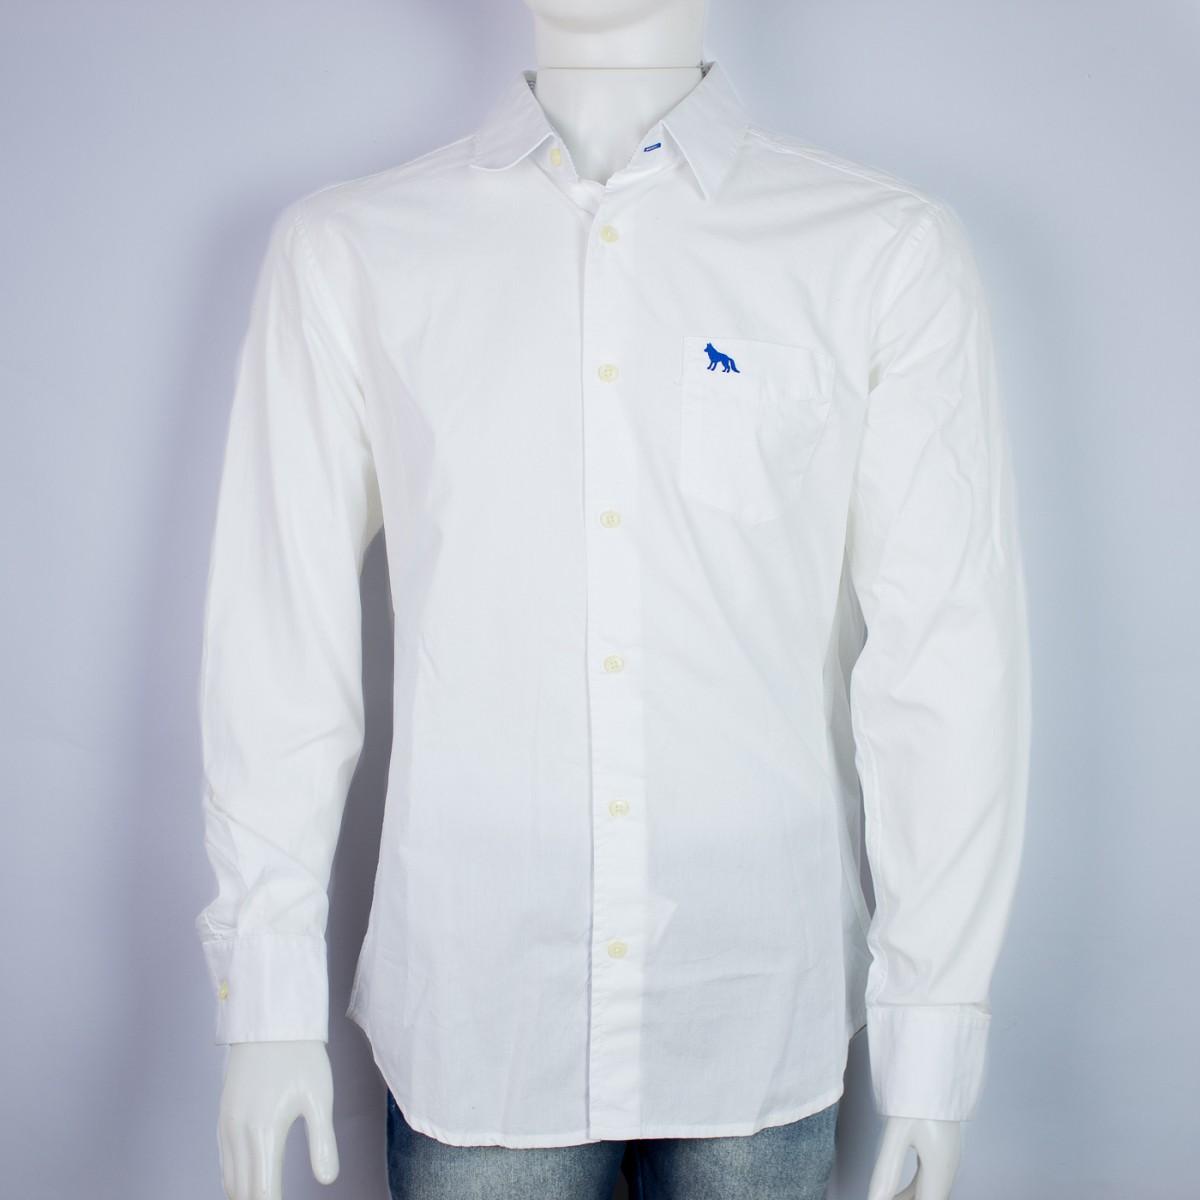 1b499430d Bizz Store - Camisa Social Masculina Acostamento Branca Lisa